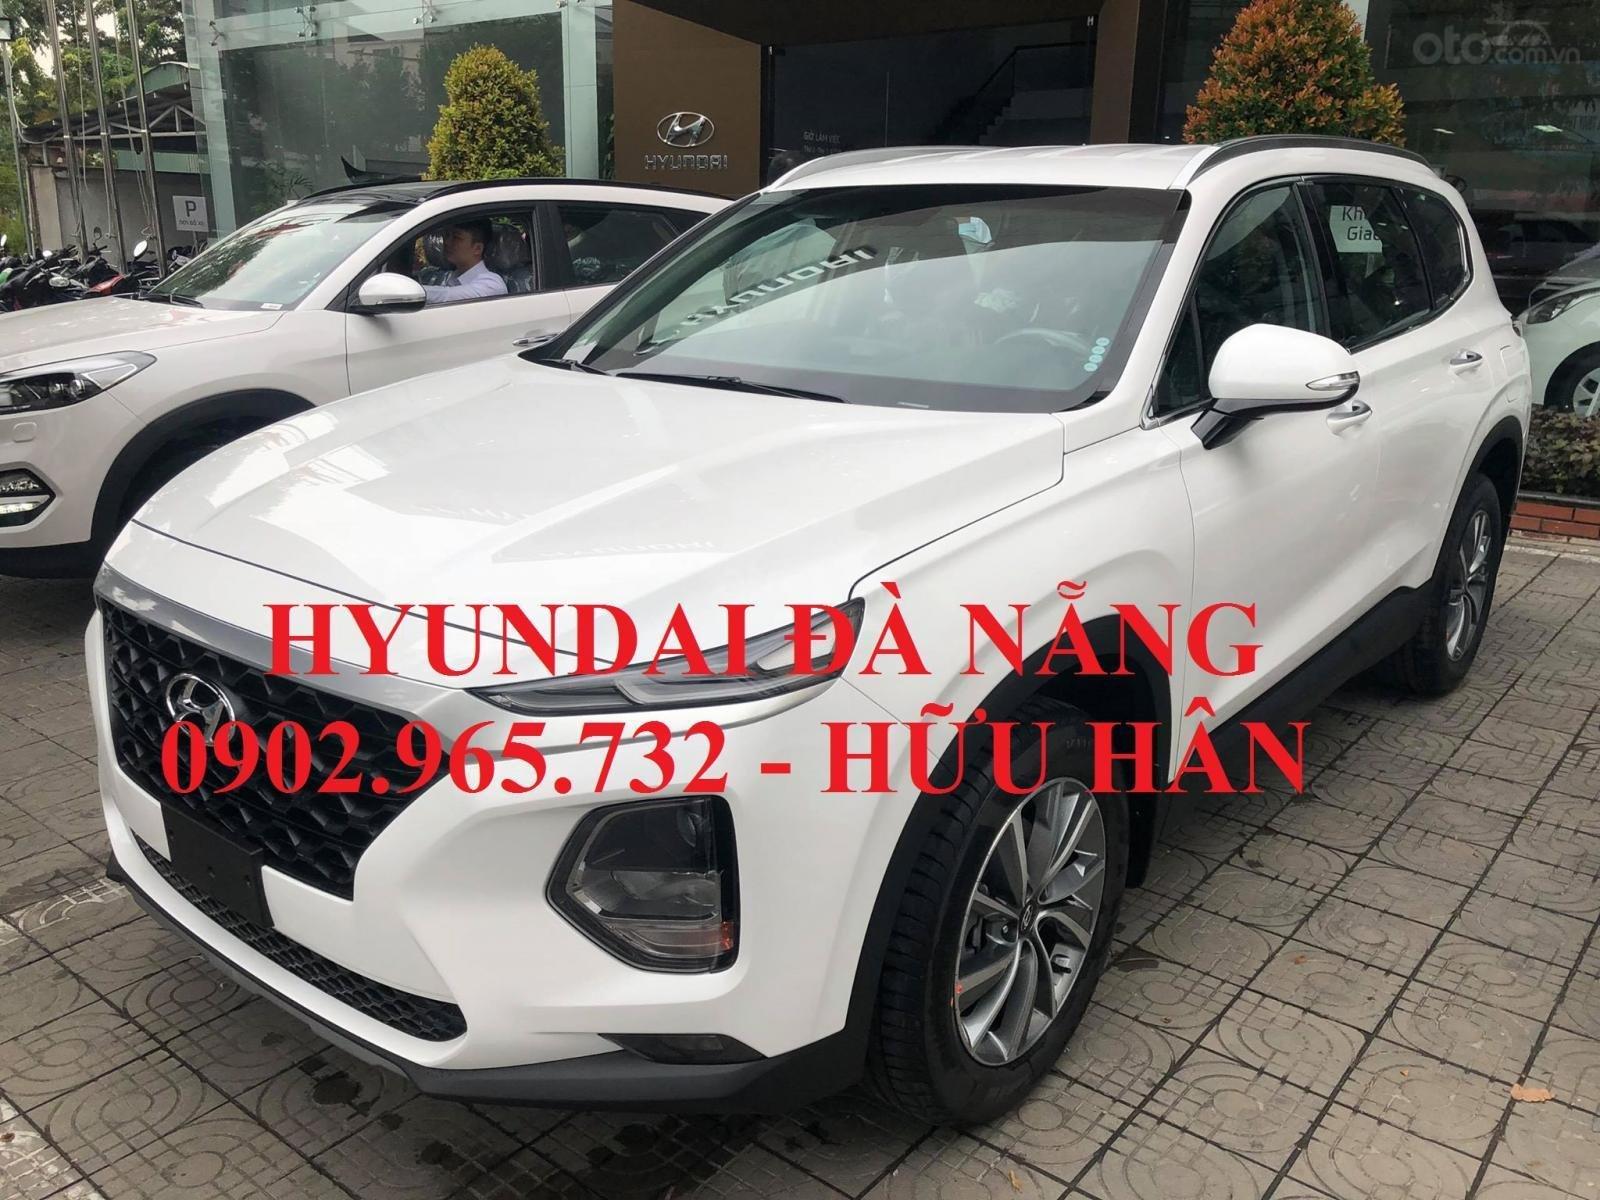 Hyundai SantaFe 2019, giảm giá cực Shock, tặng full đồ chơi. LH 0902965732 - Hữu Hân-5